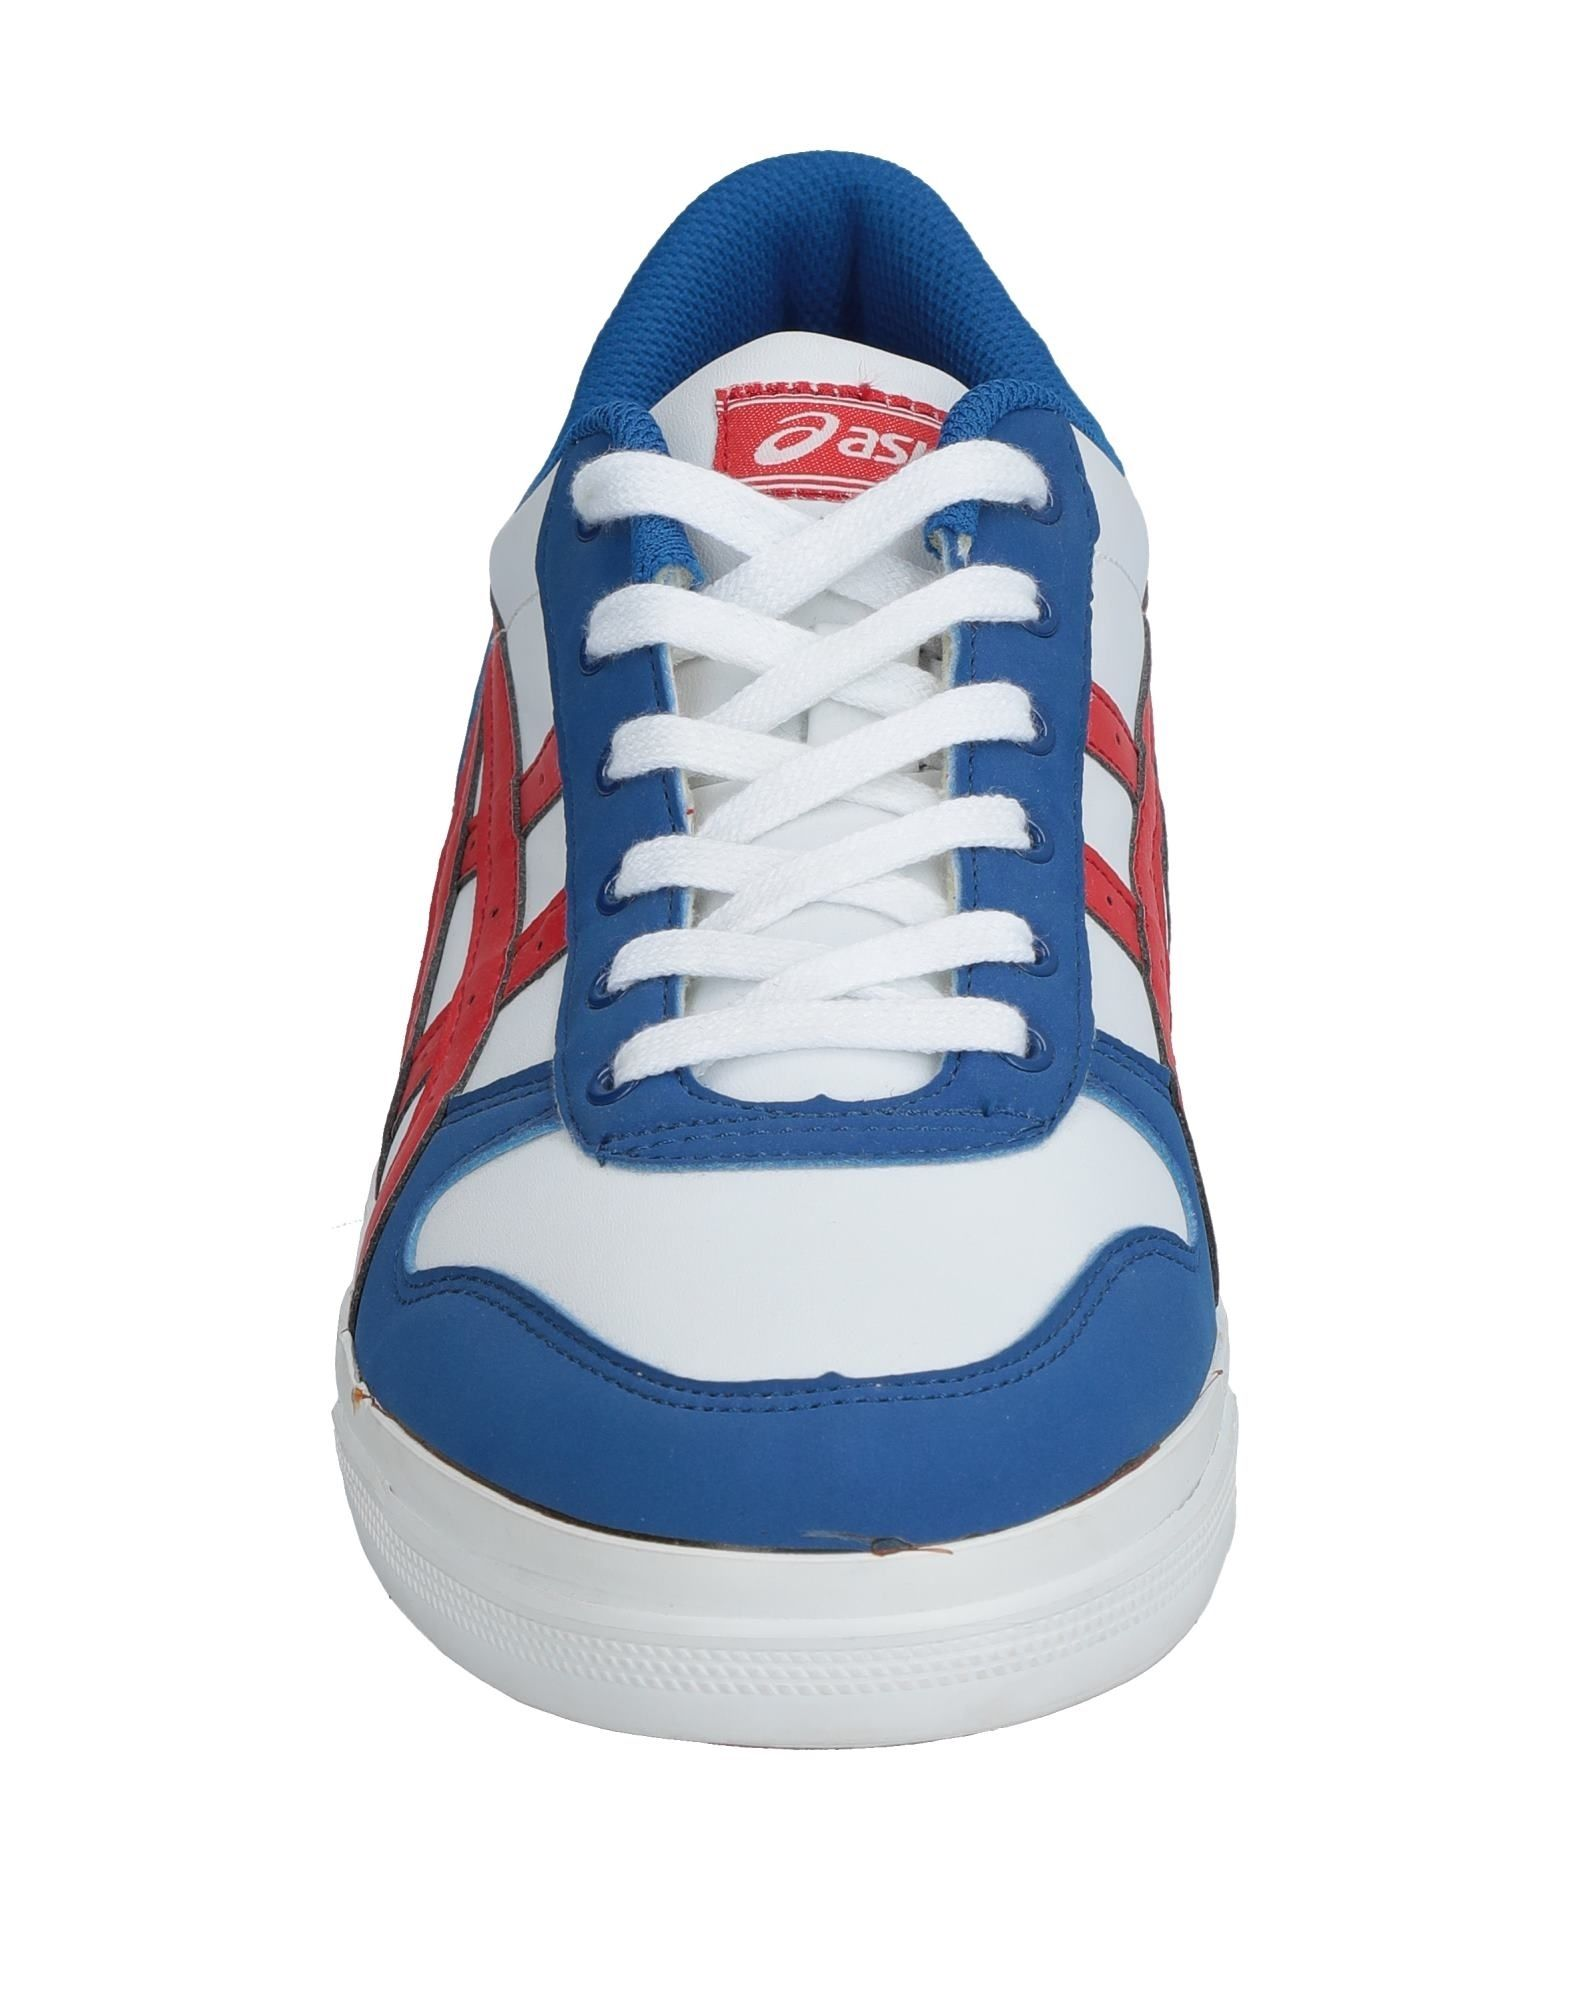 Rabatt echte Schuhe Asics Sneakers Herren  11396992ON